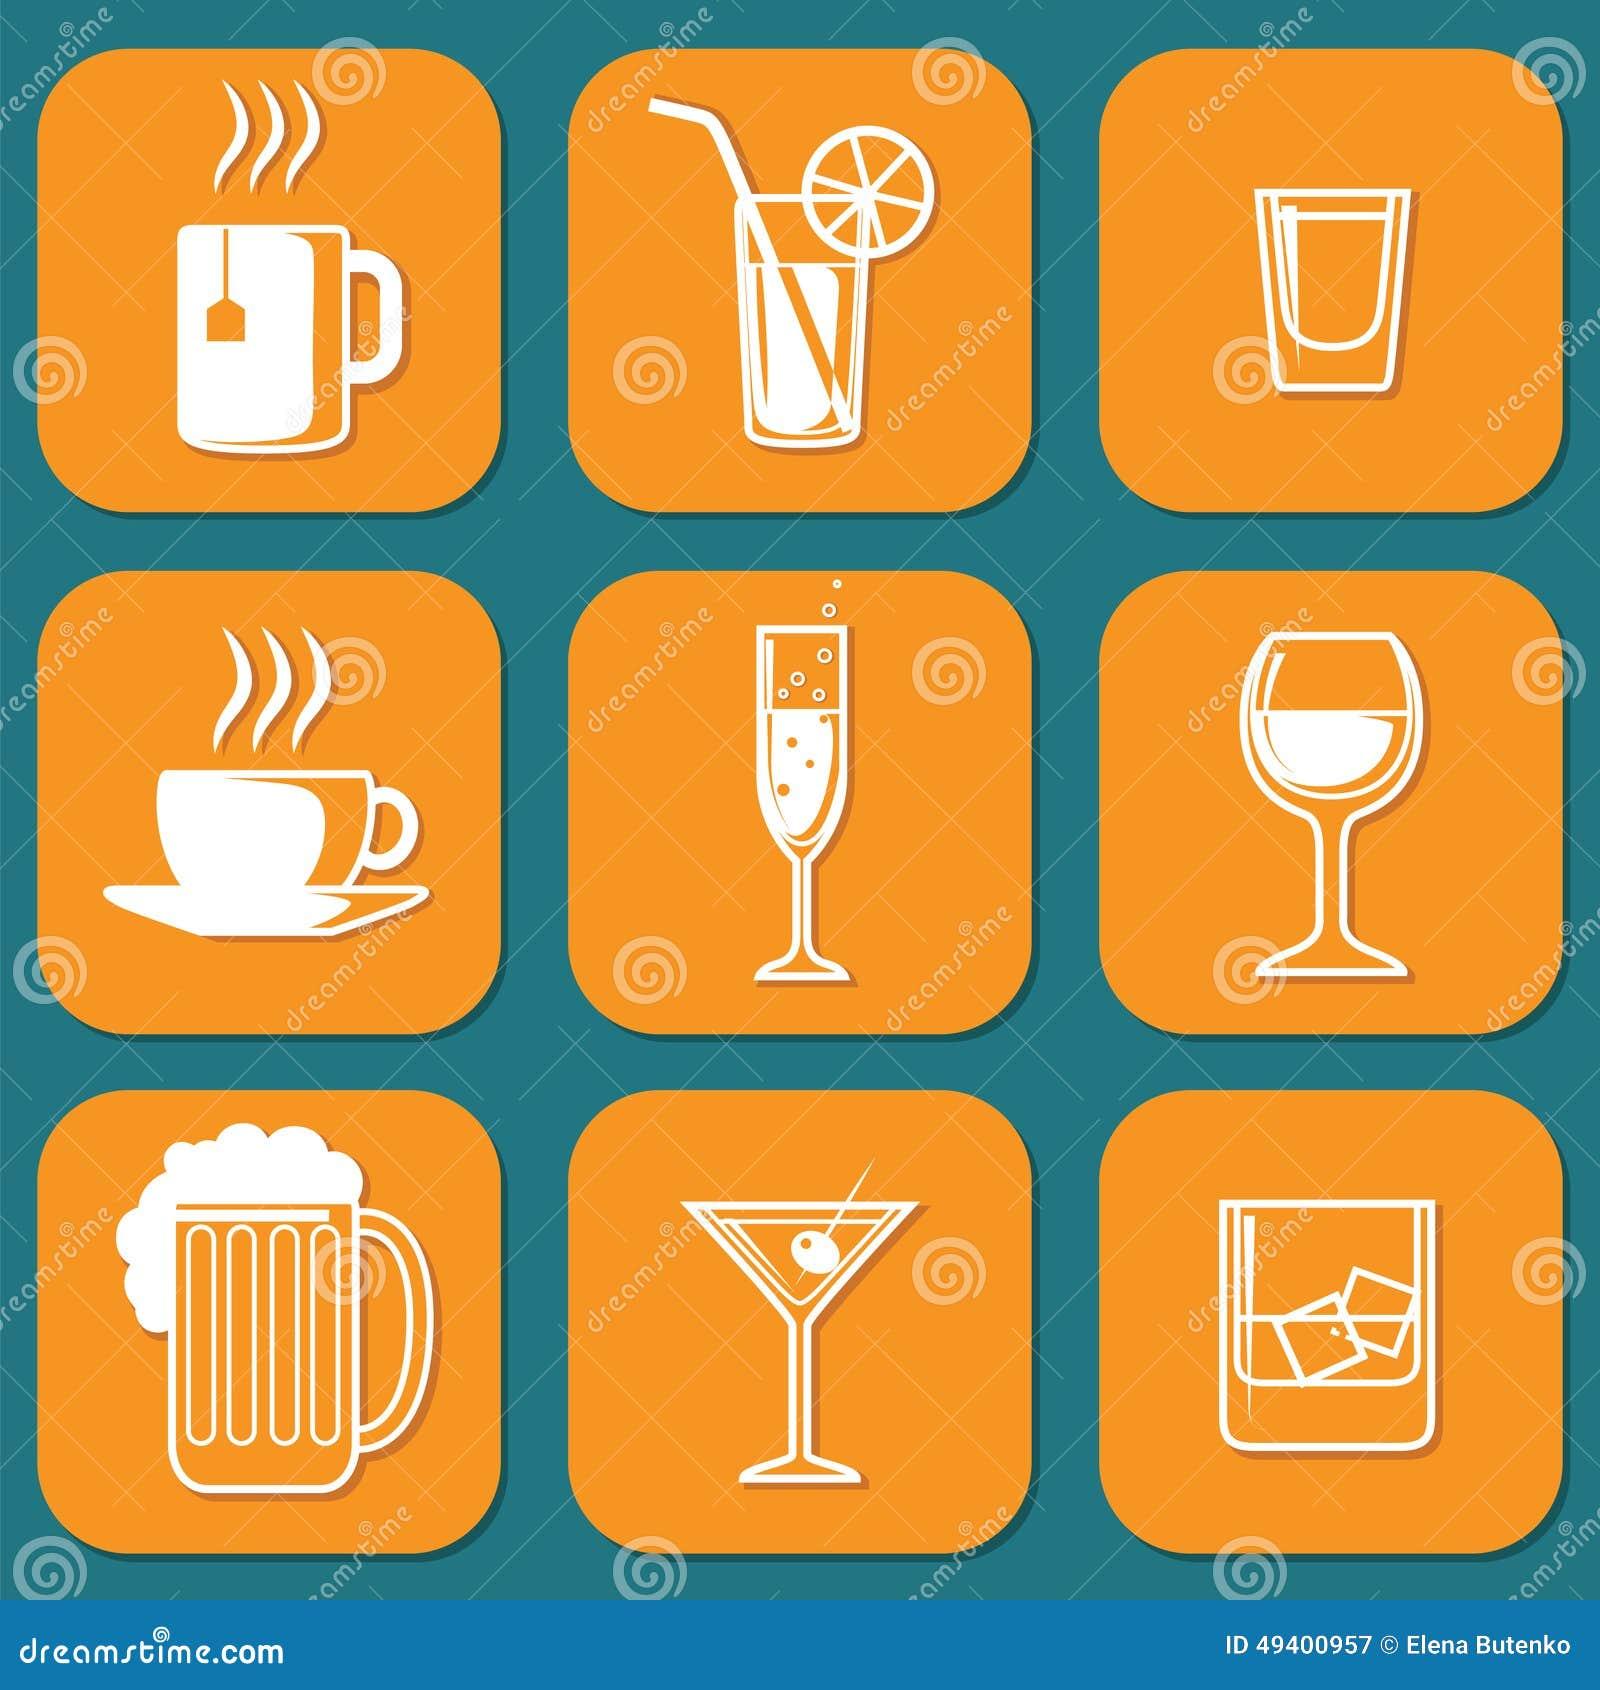 Download Trinkende Ikonen vektor abbildung. Illustration von kennsatz - 49400957